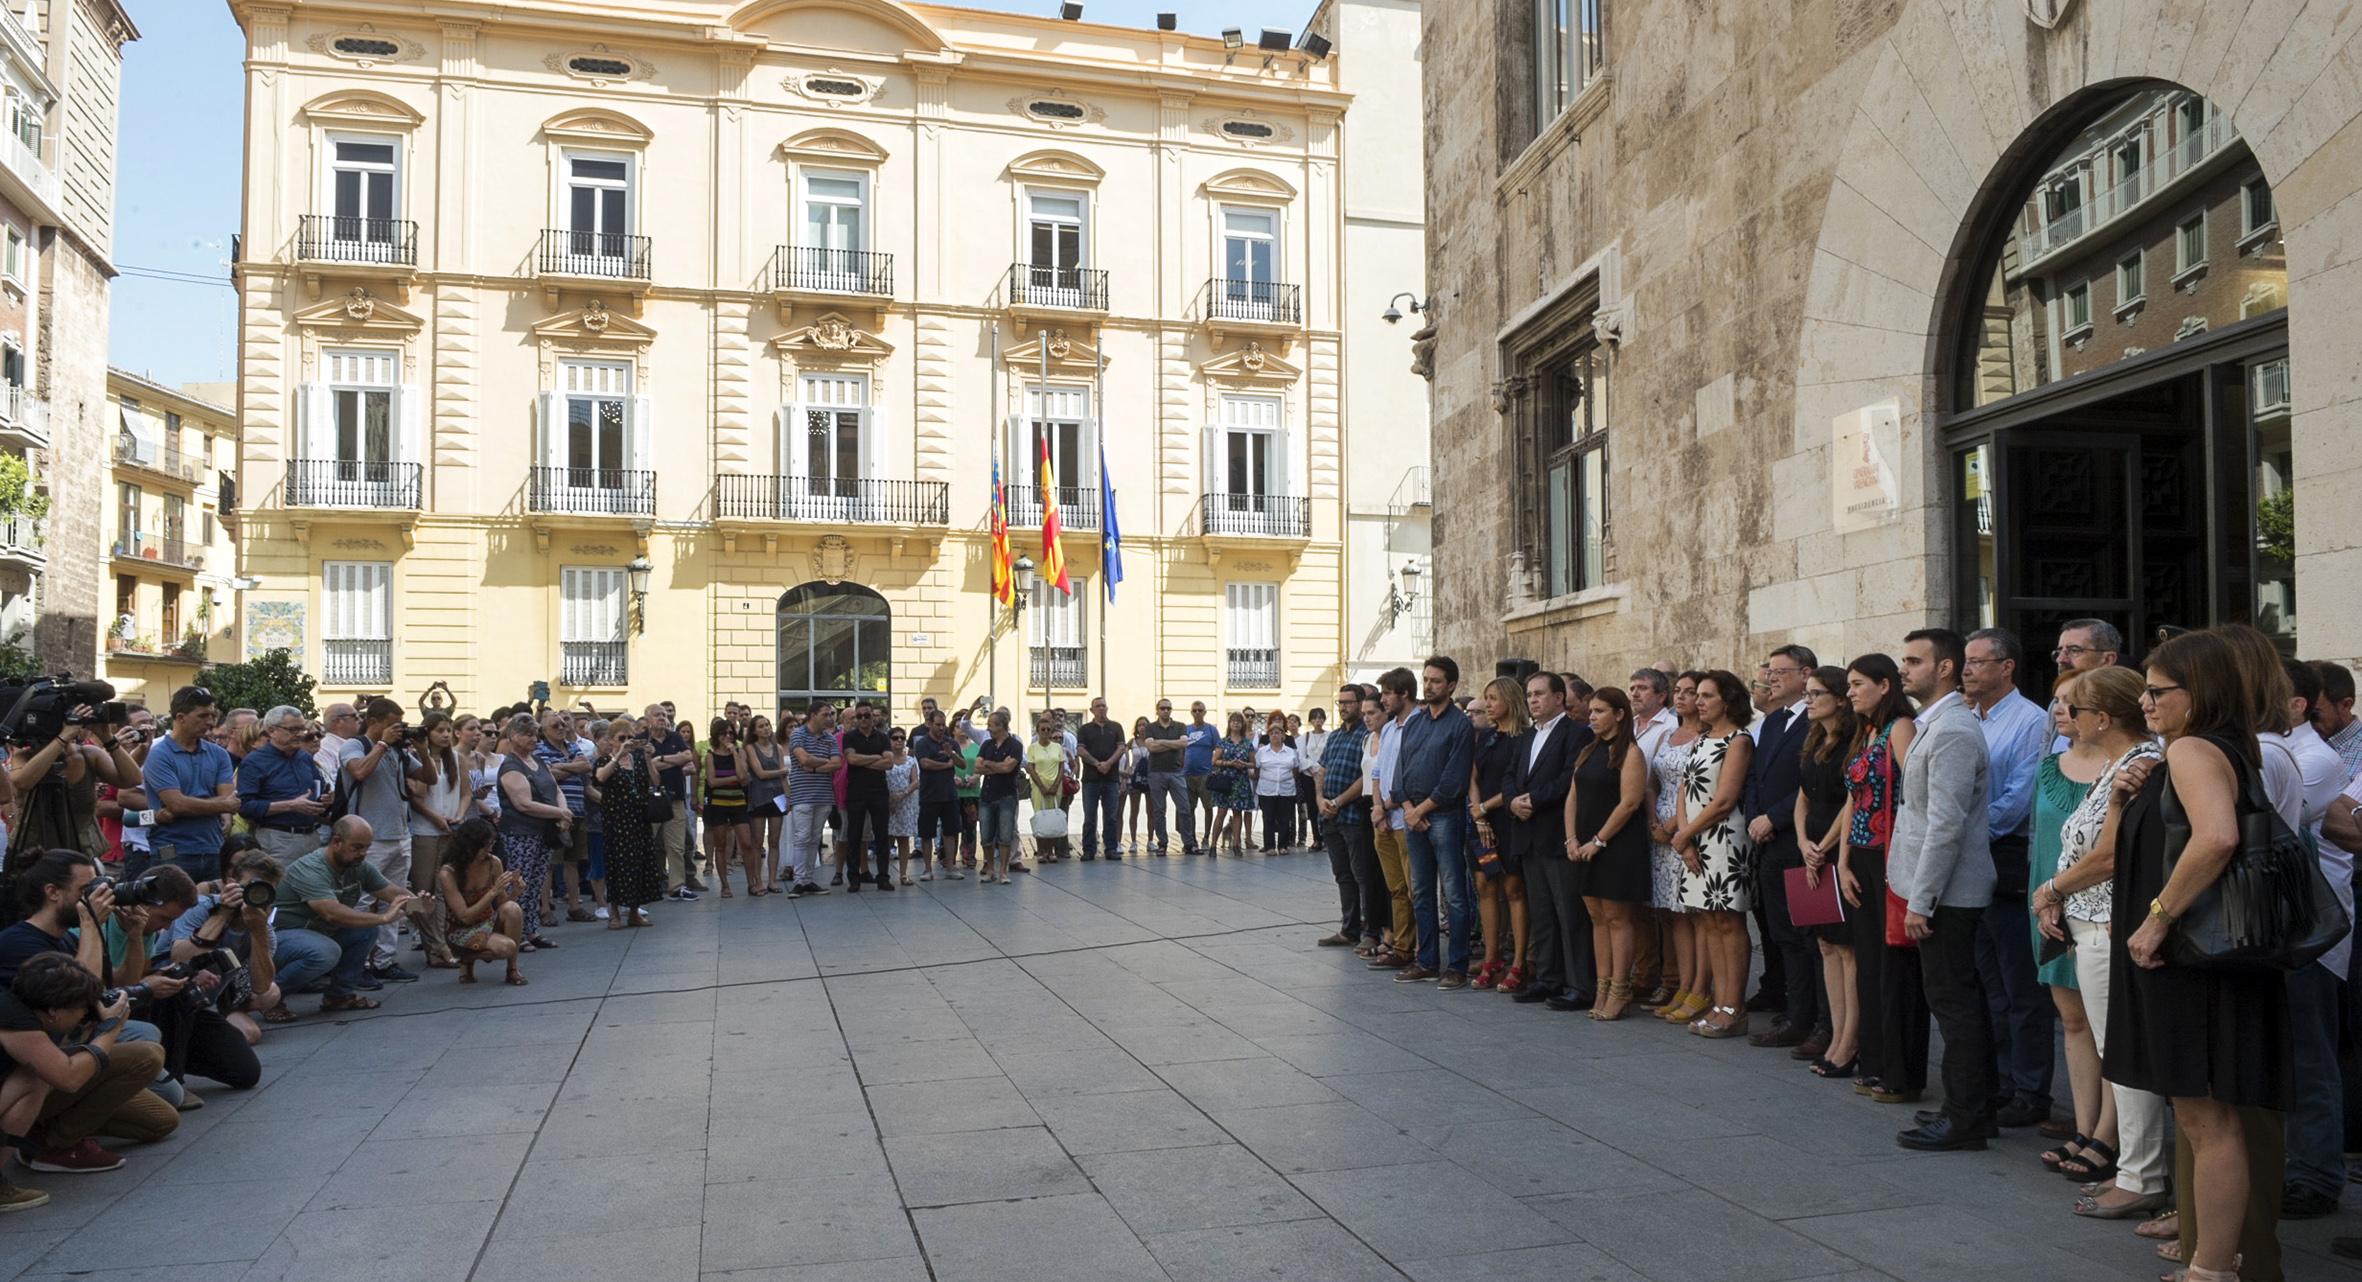 La Diputación de Valencia se ha sumado al minuto de silencio en la puerta del Palau de la Generalitat contra los actos terroristas.